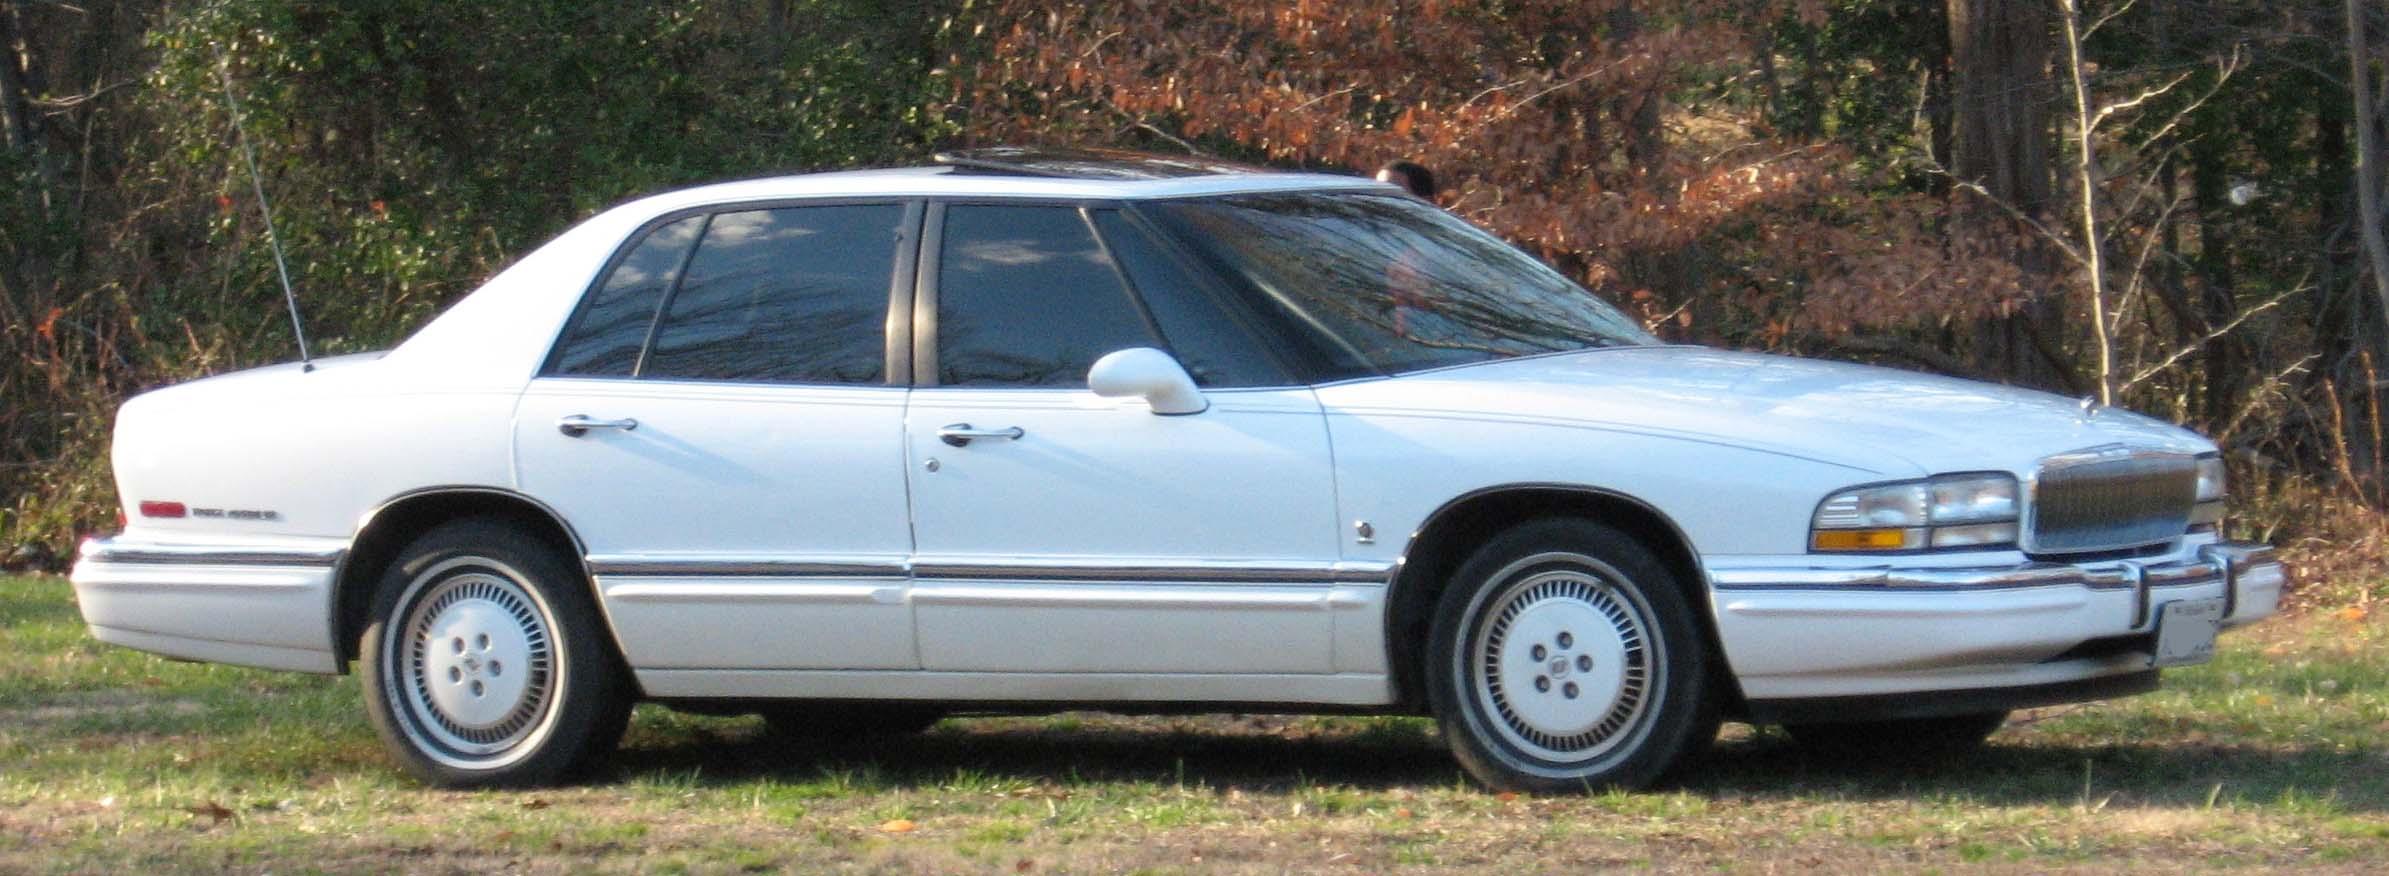 1991 Buick Lesabre Fuse Box Location